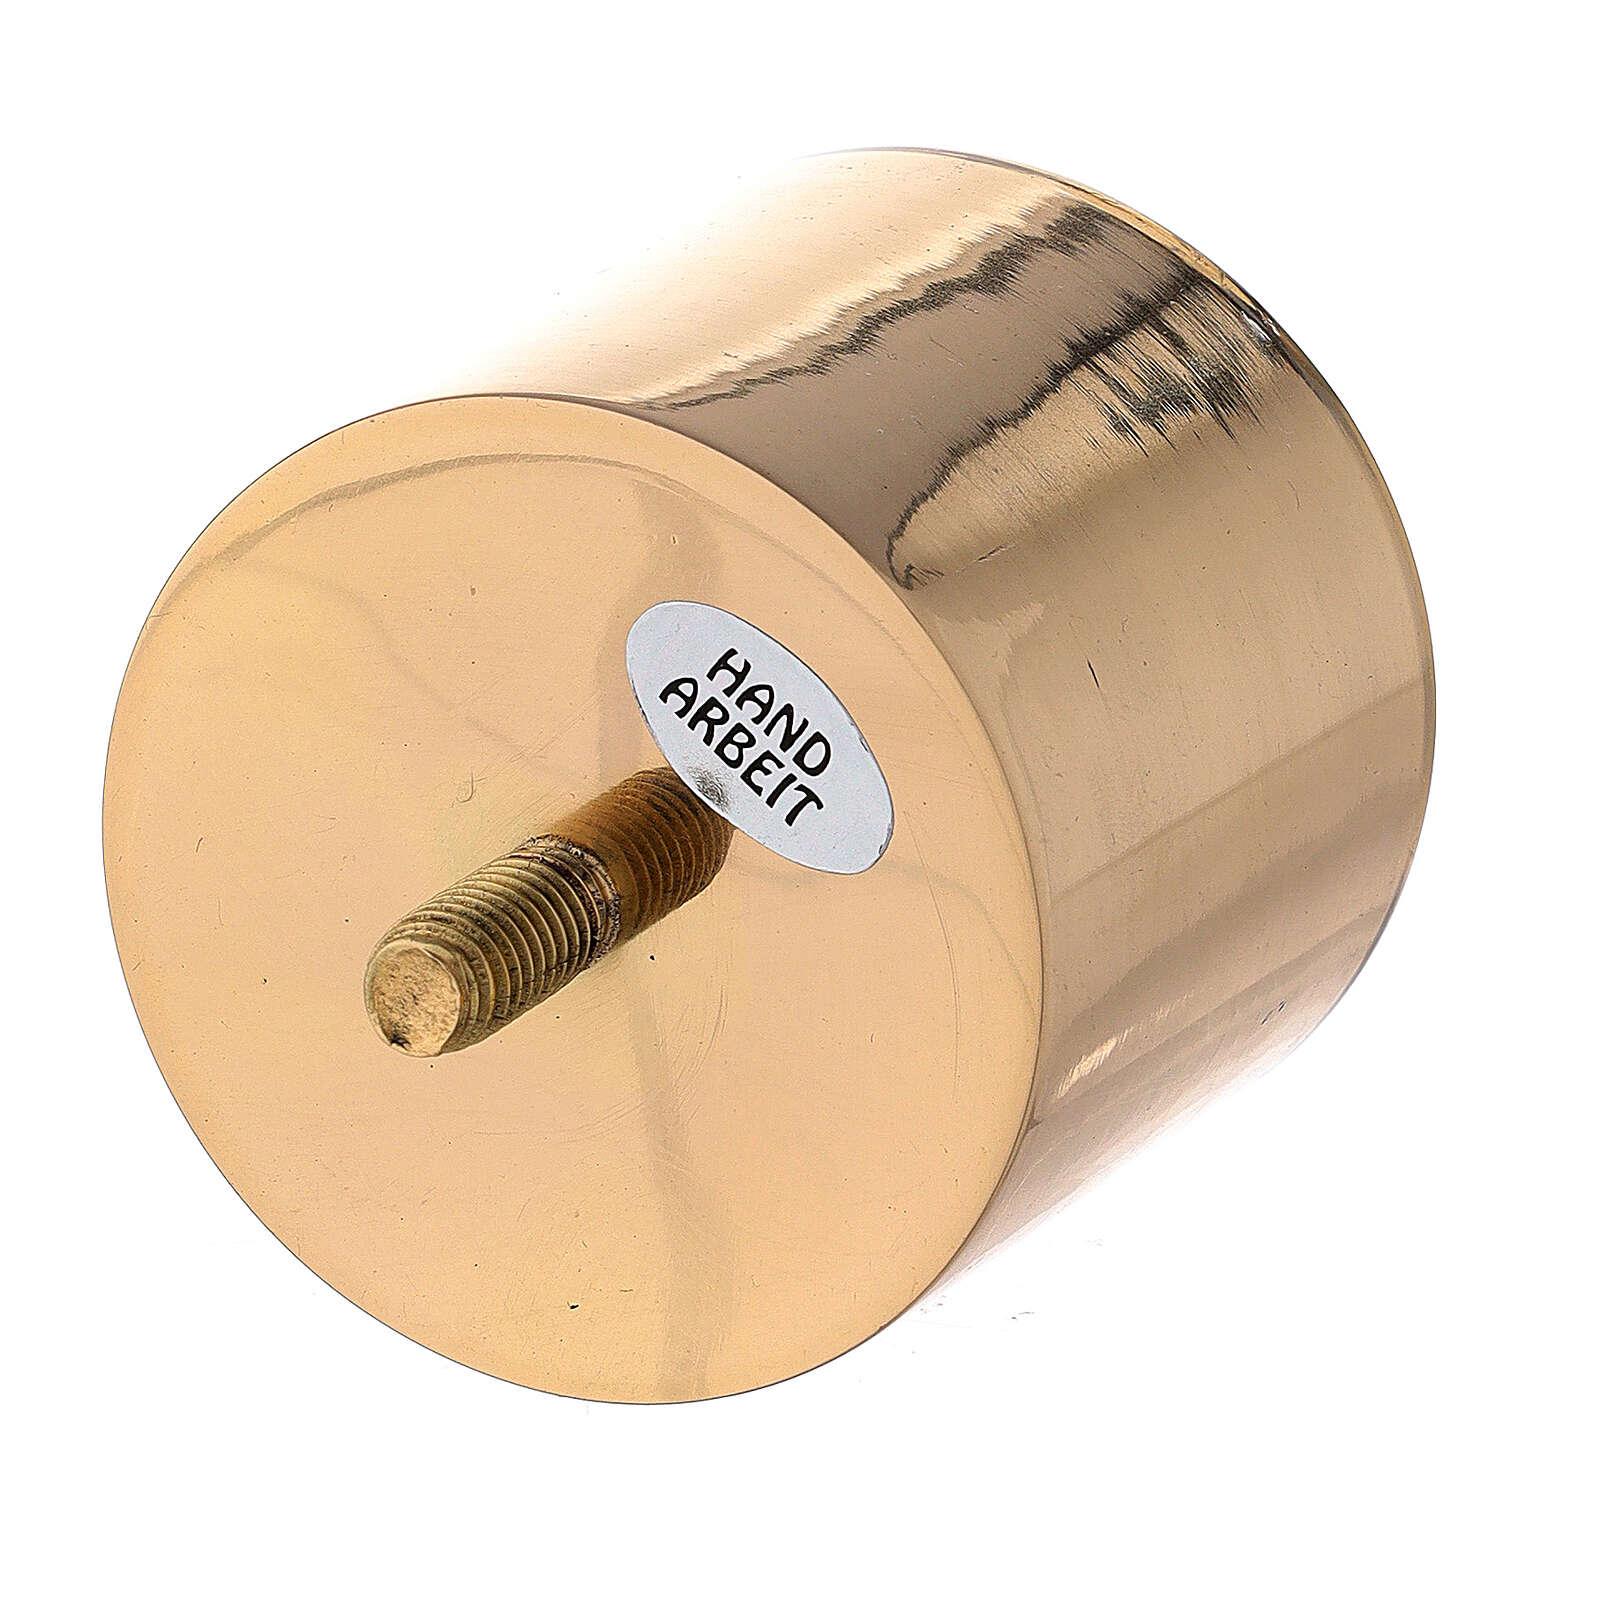 Bossolo candela 6 cm ottone dorato avvitabile 4